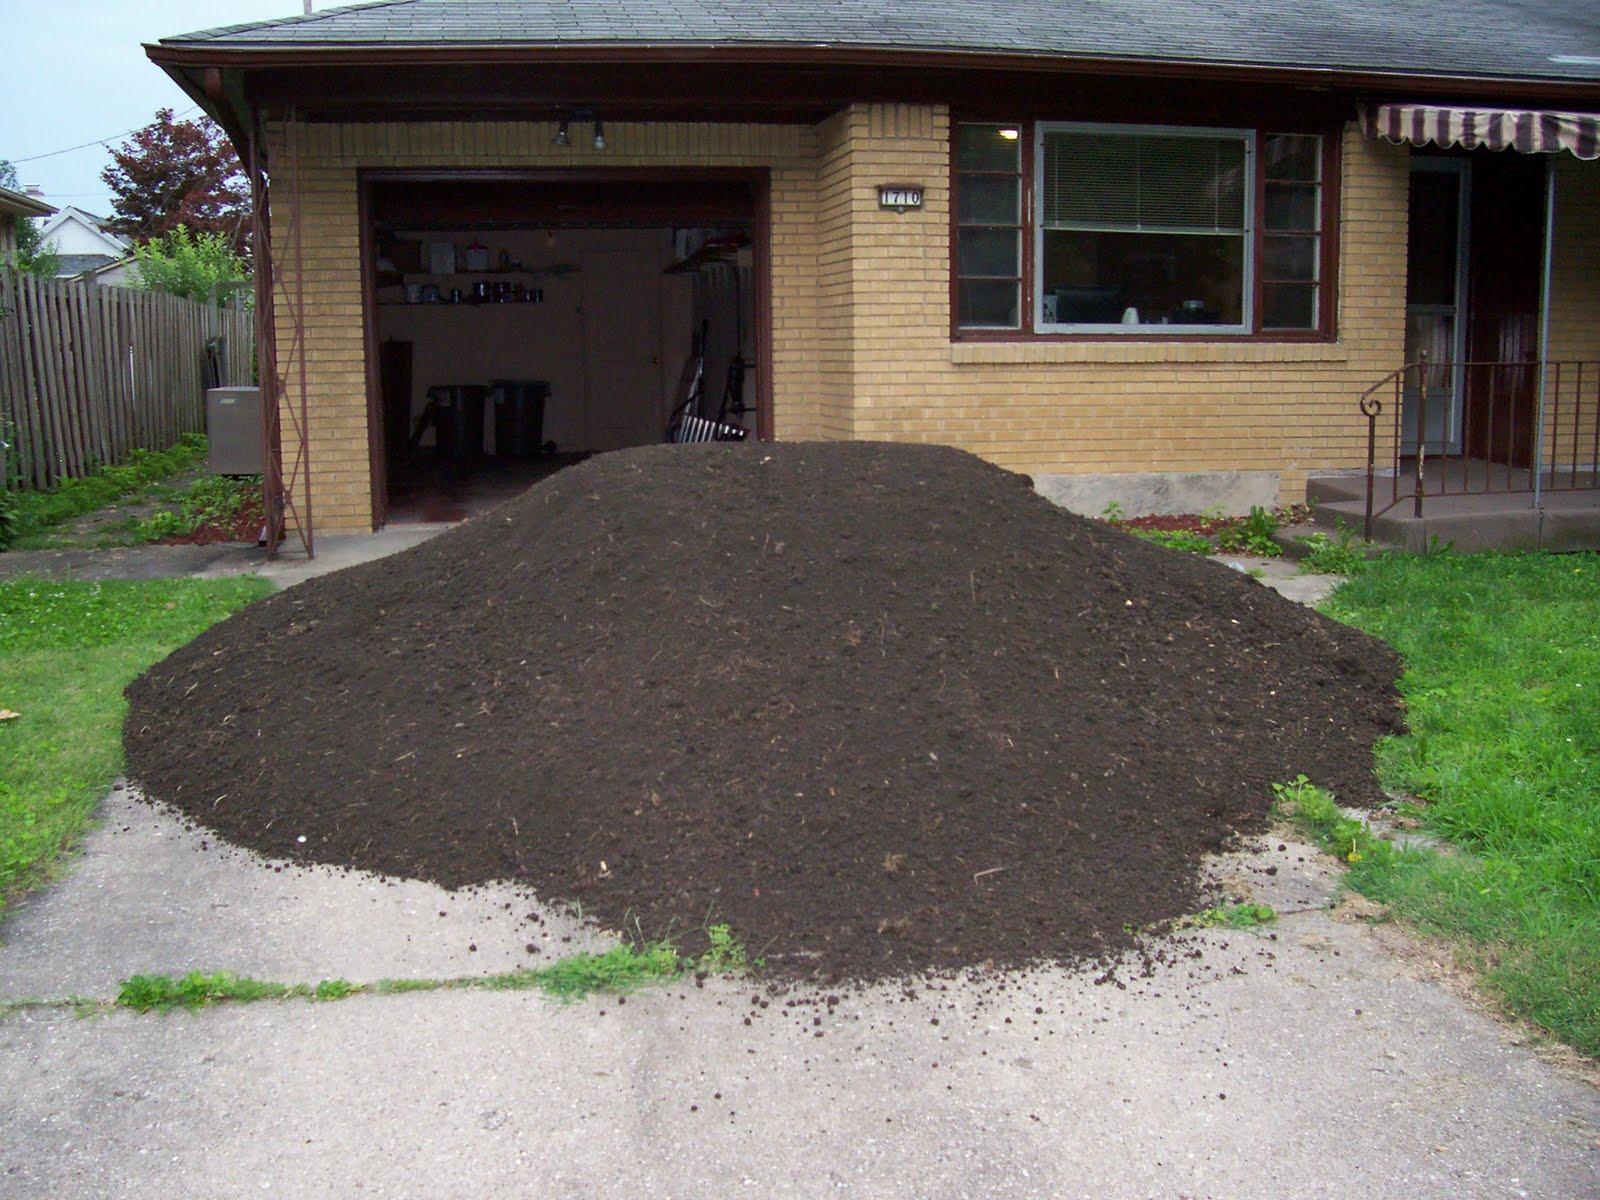 10 Tons Of Dirt : Yard of topsoil bing images